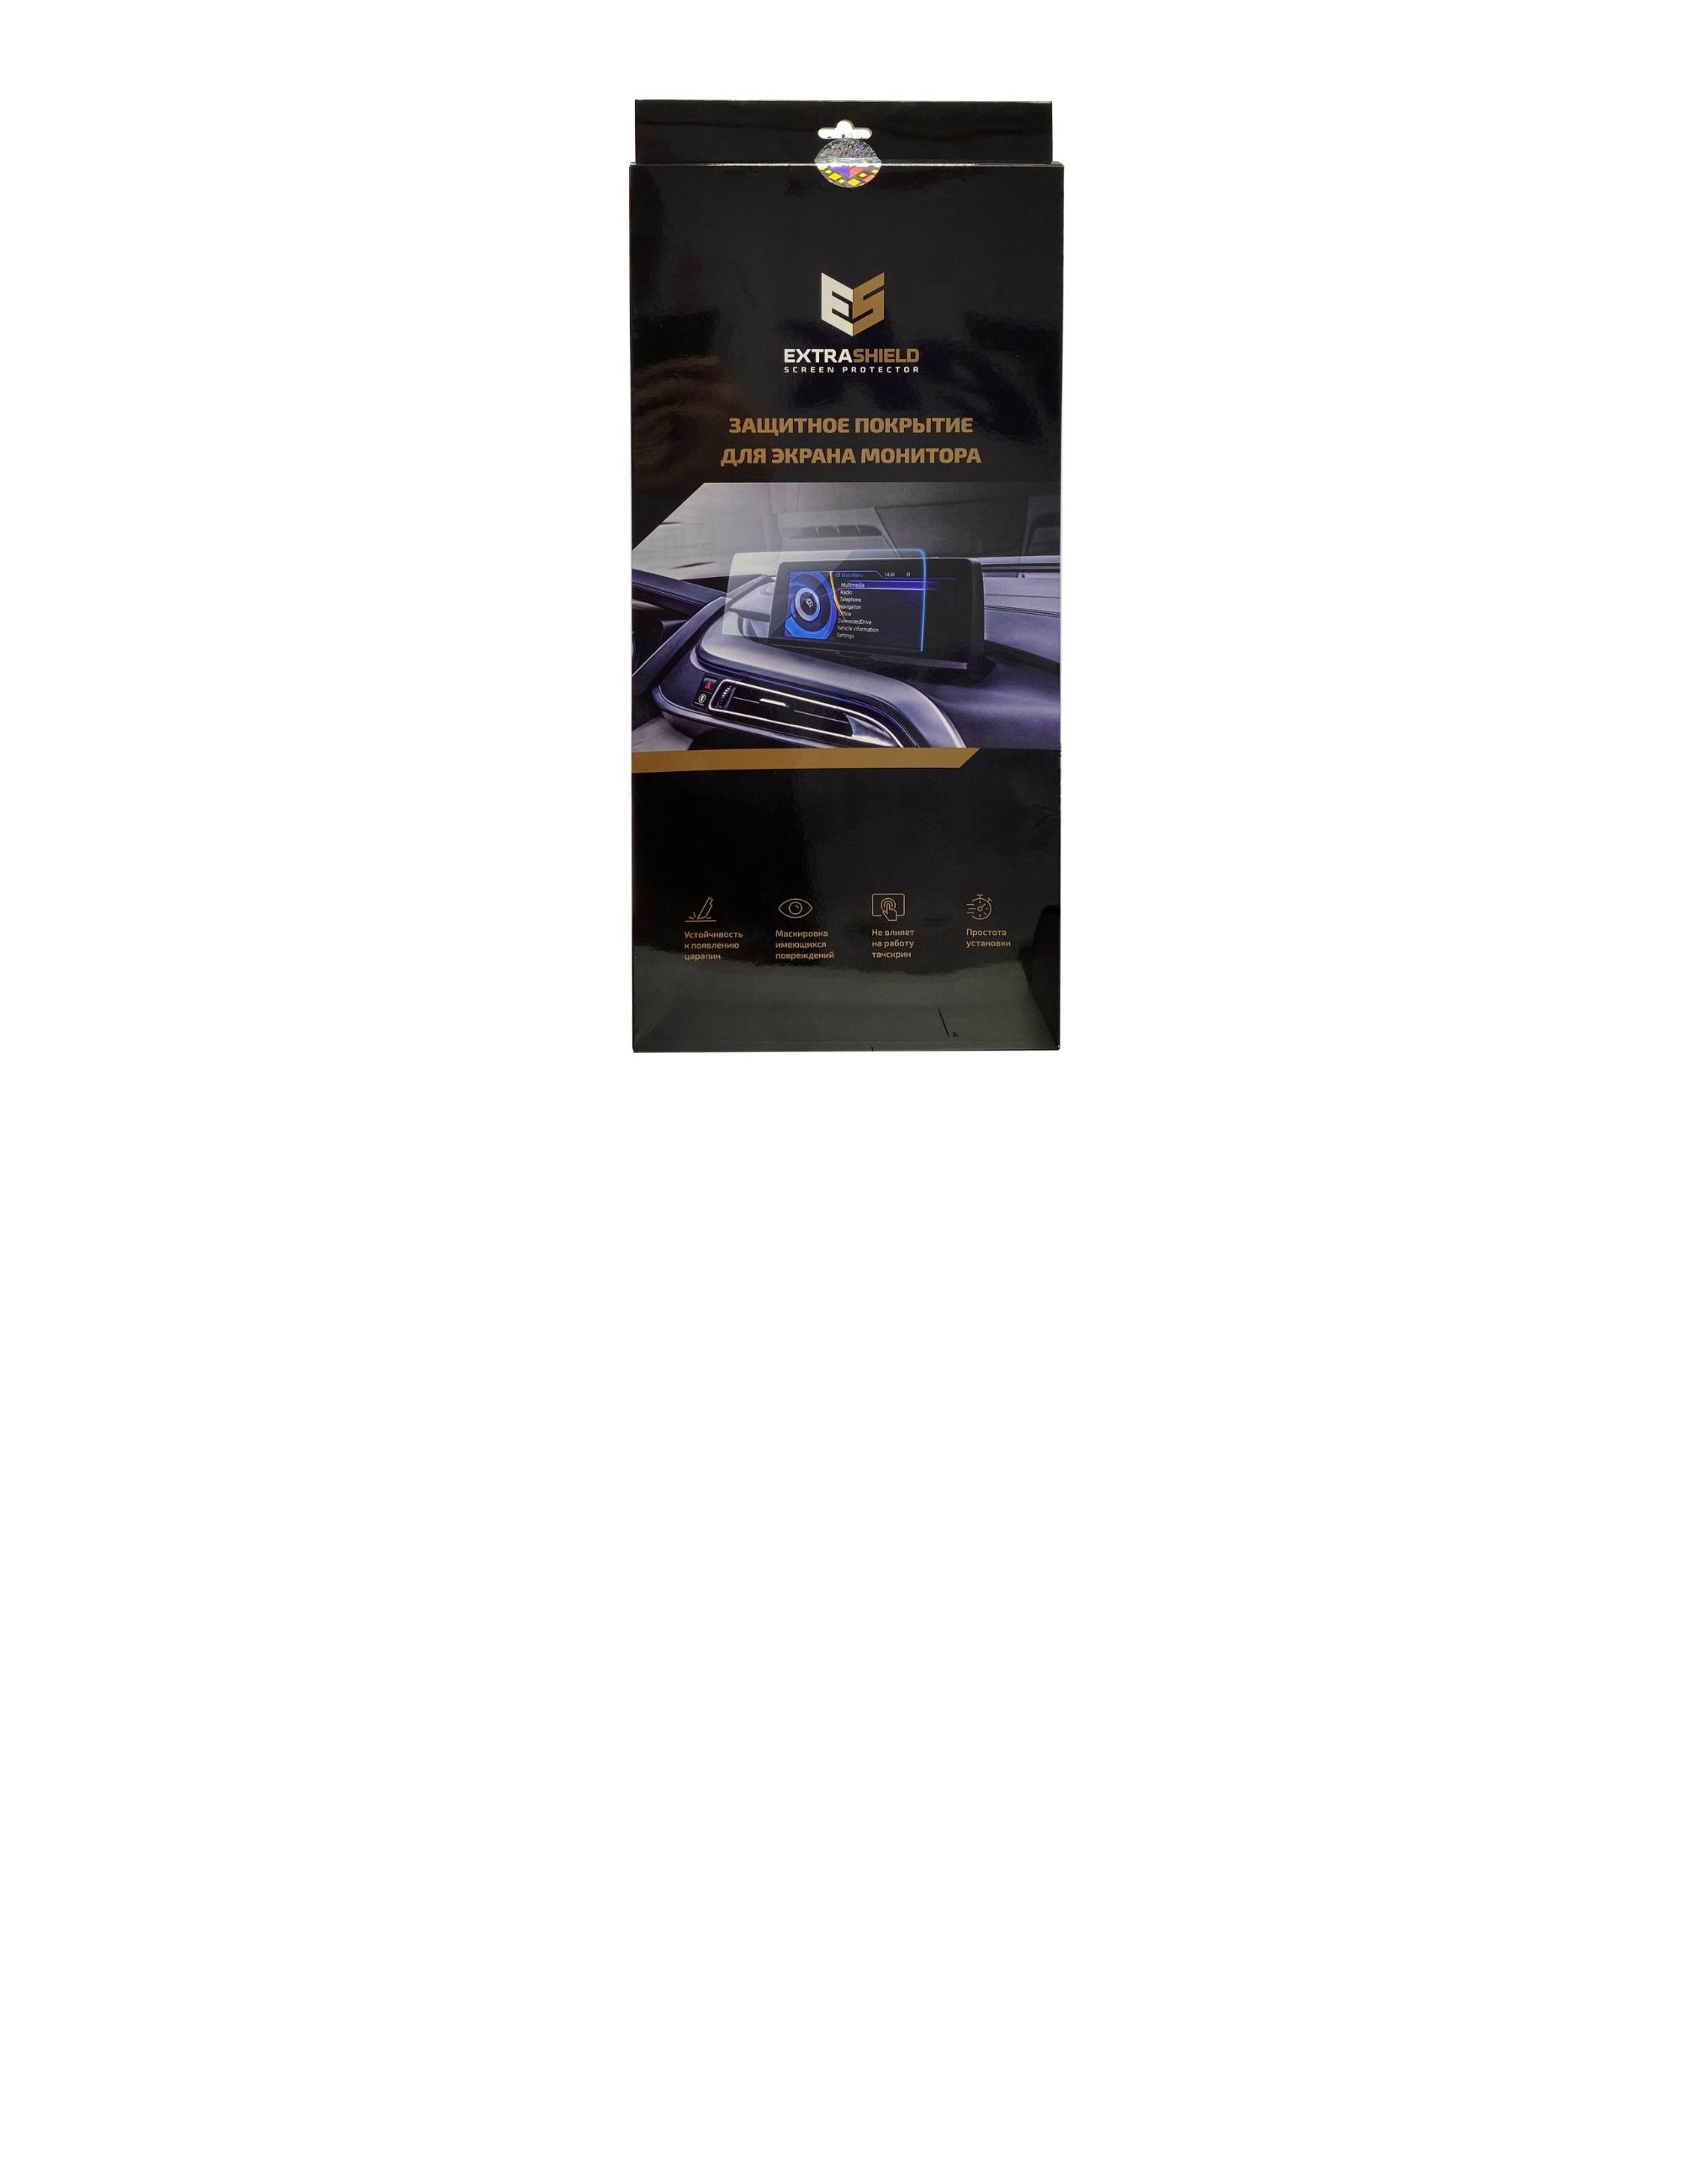 Bentley Flying Spur 2019 - н.в. мультимедиа 12,3 Статическая пленка Глянец